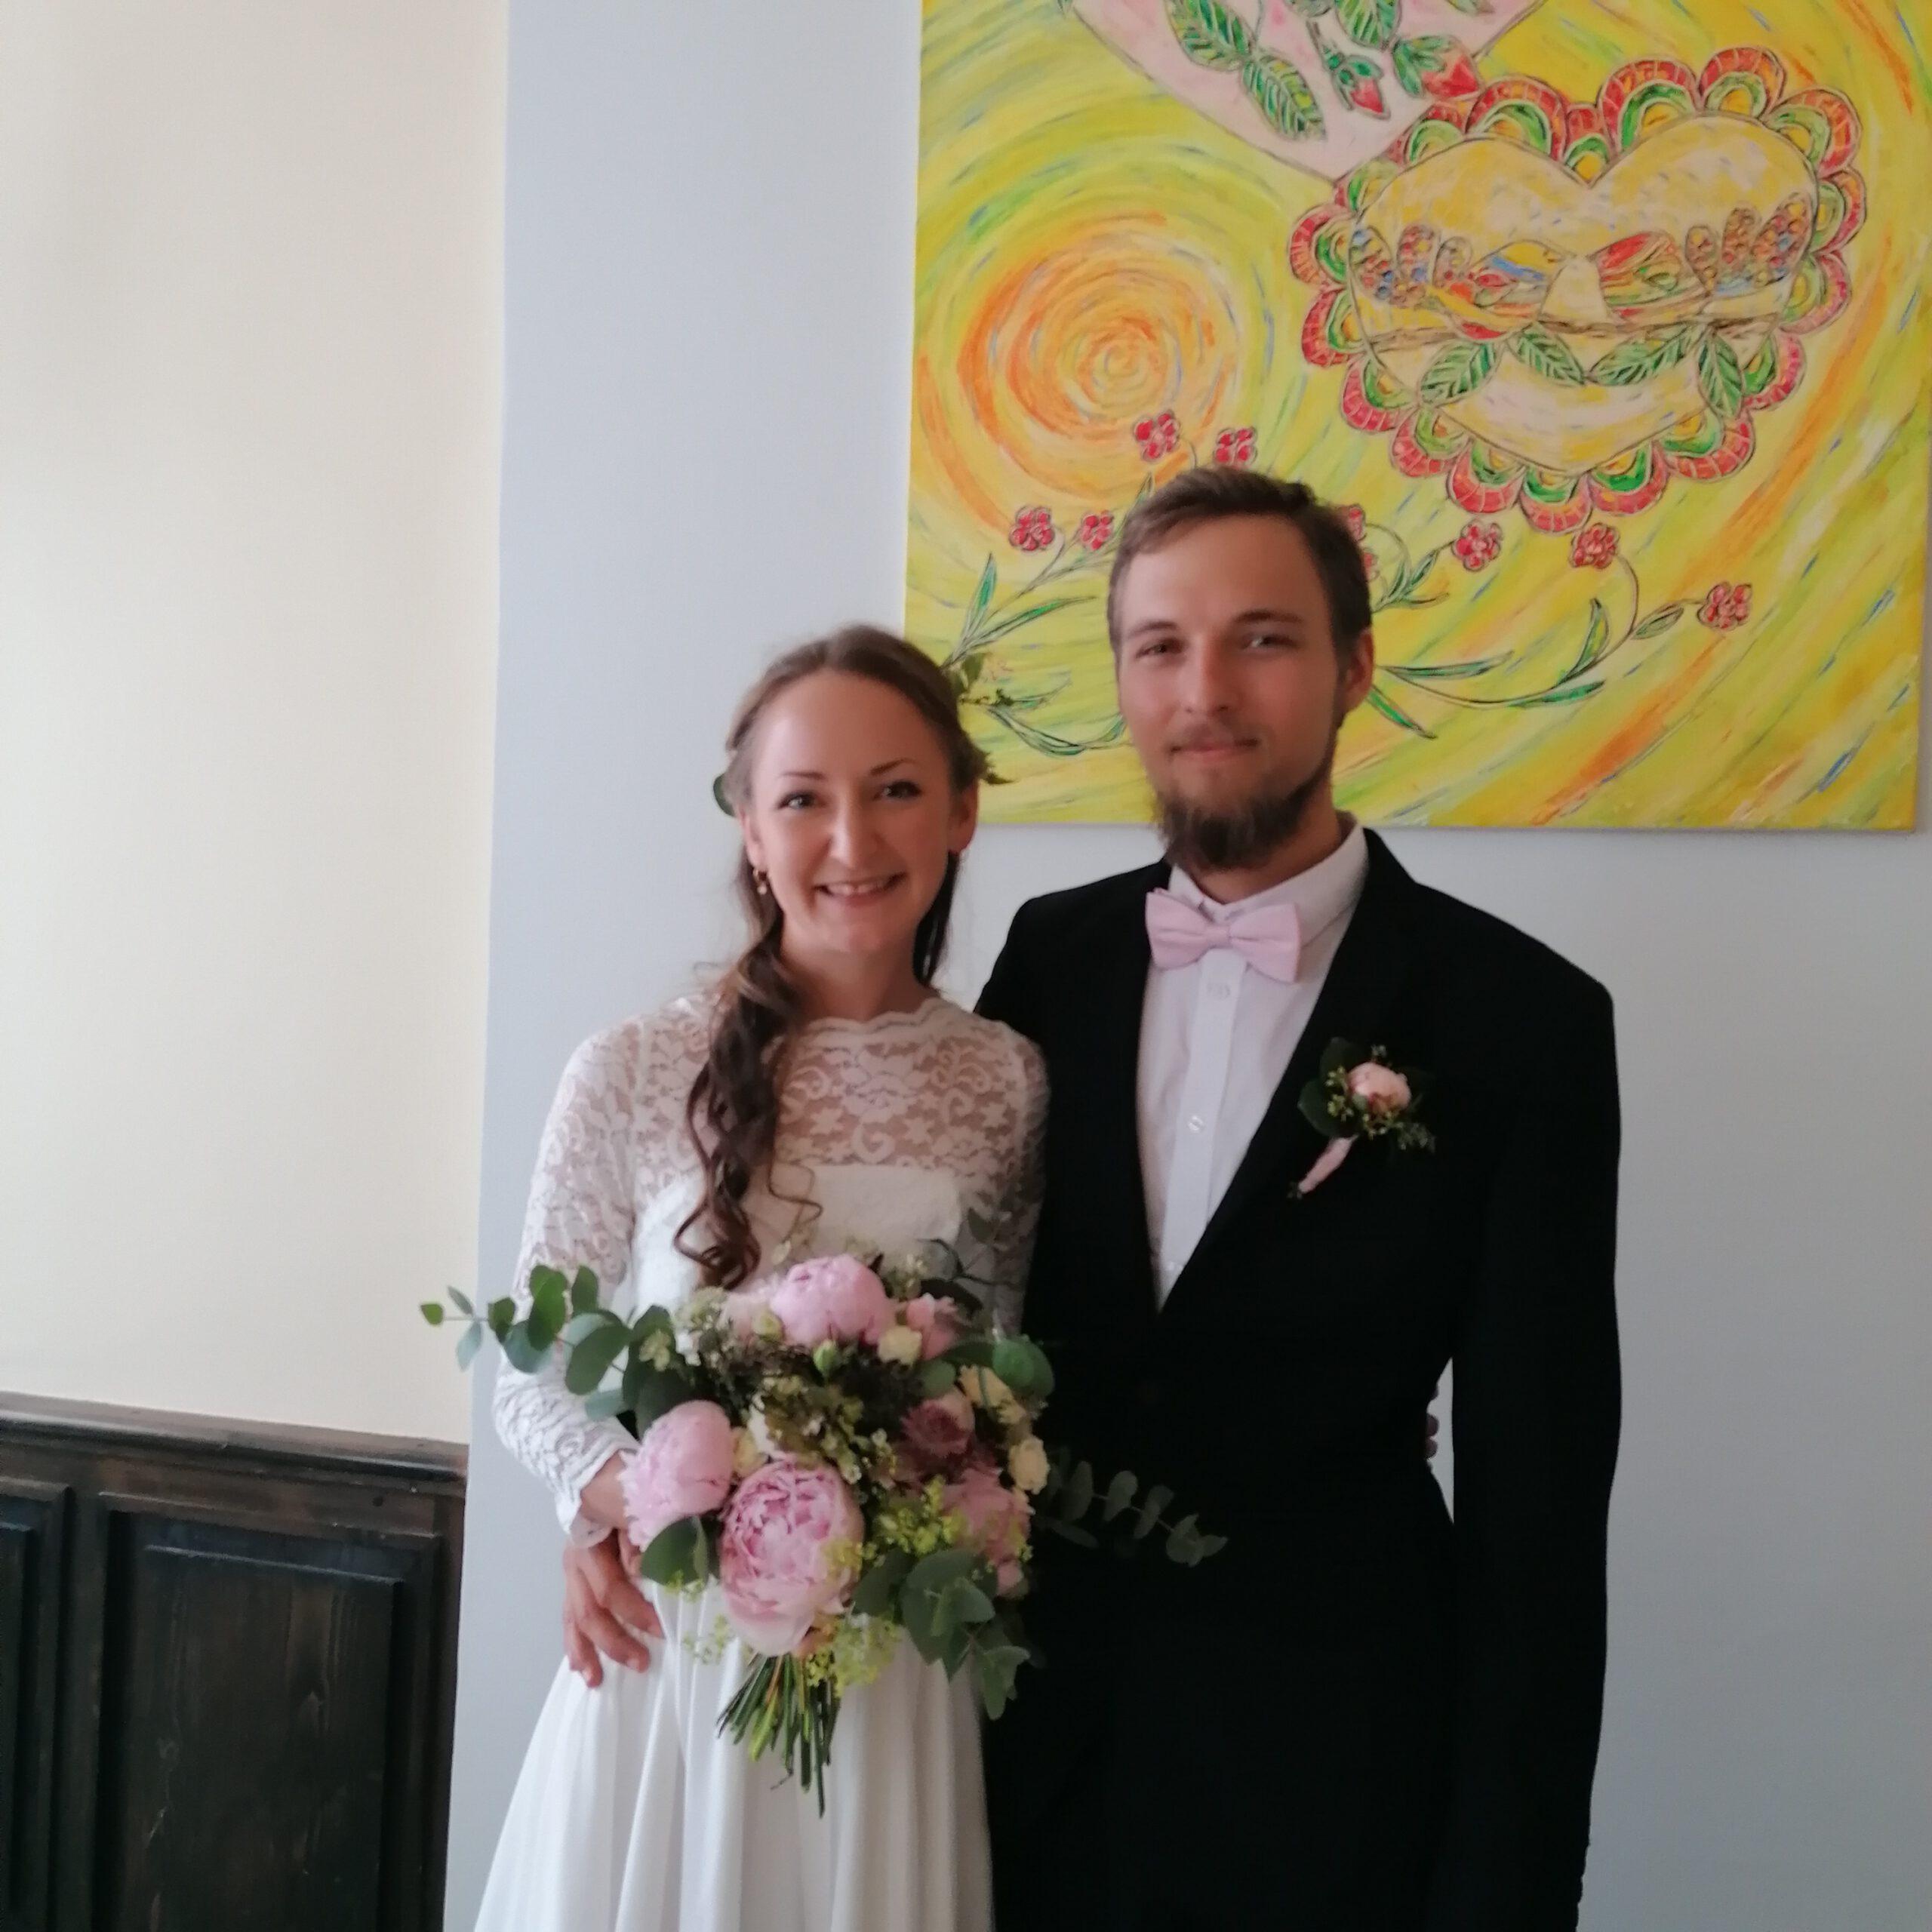 Annamaria Guttmann & Marius Heißig